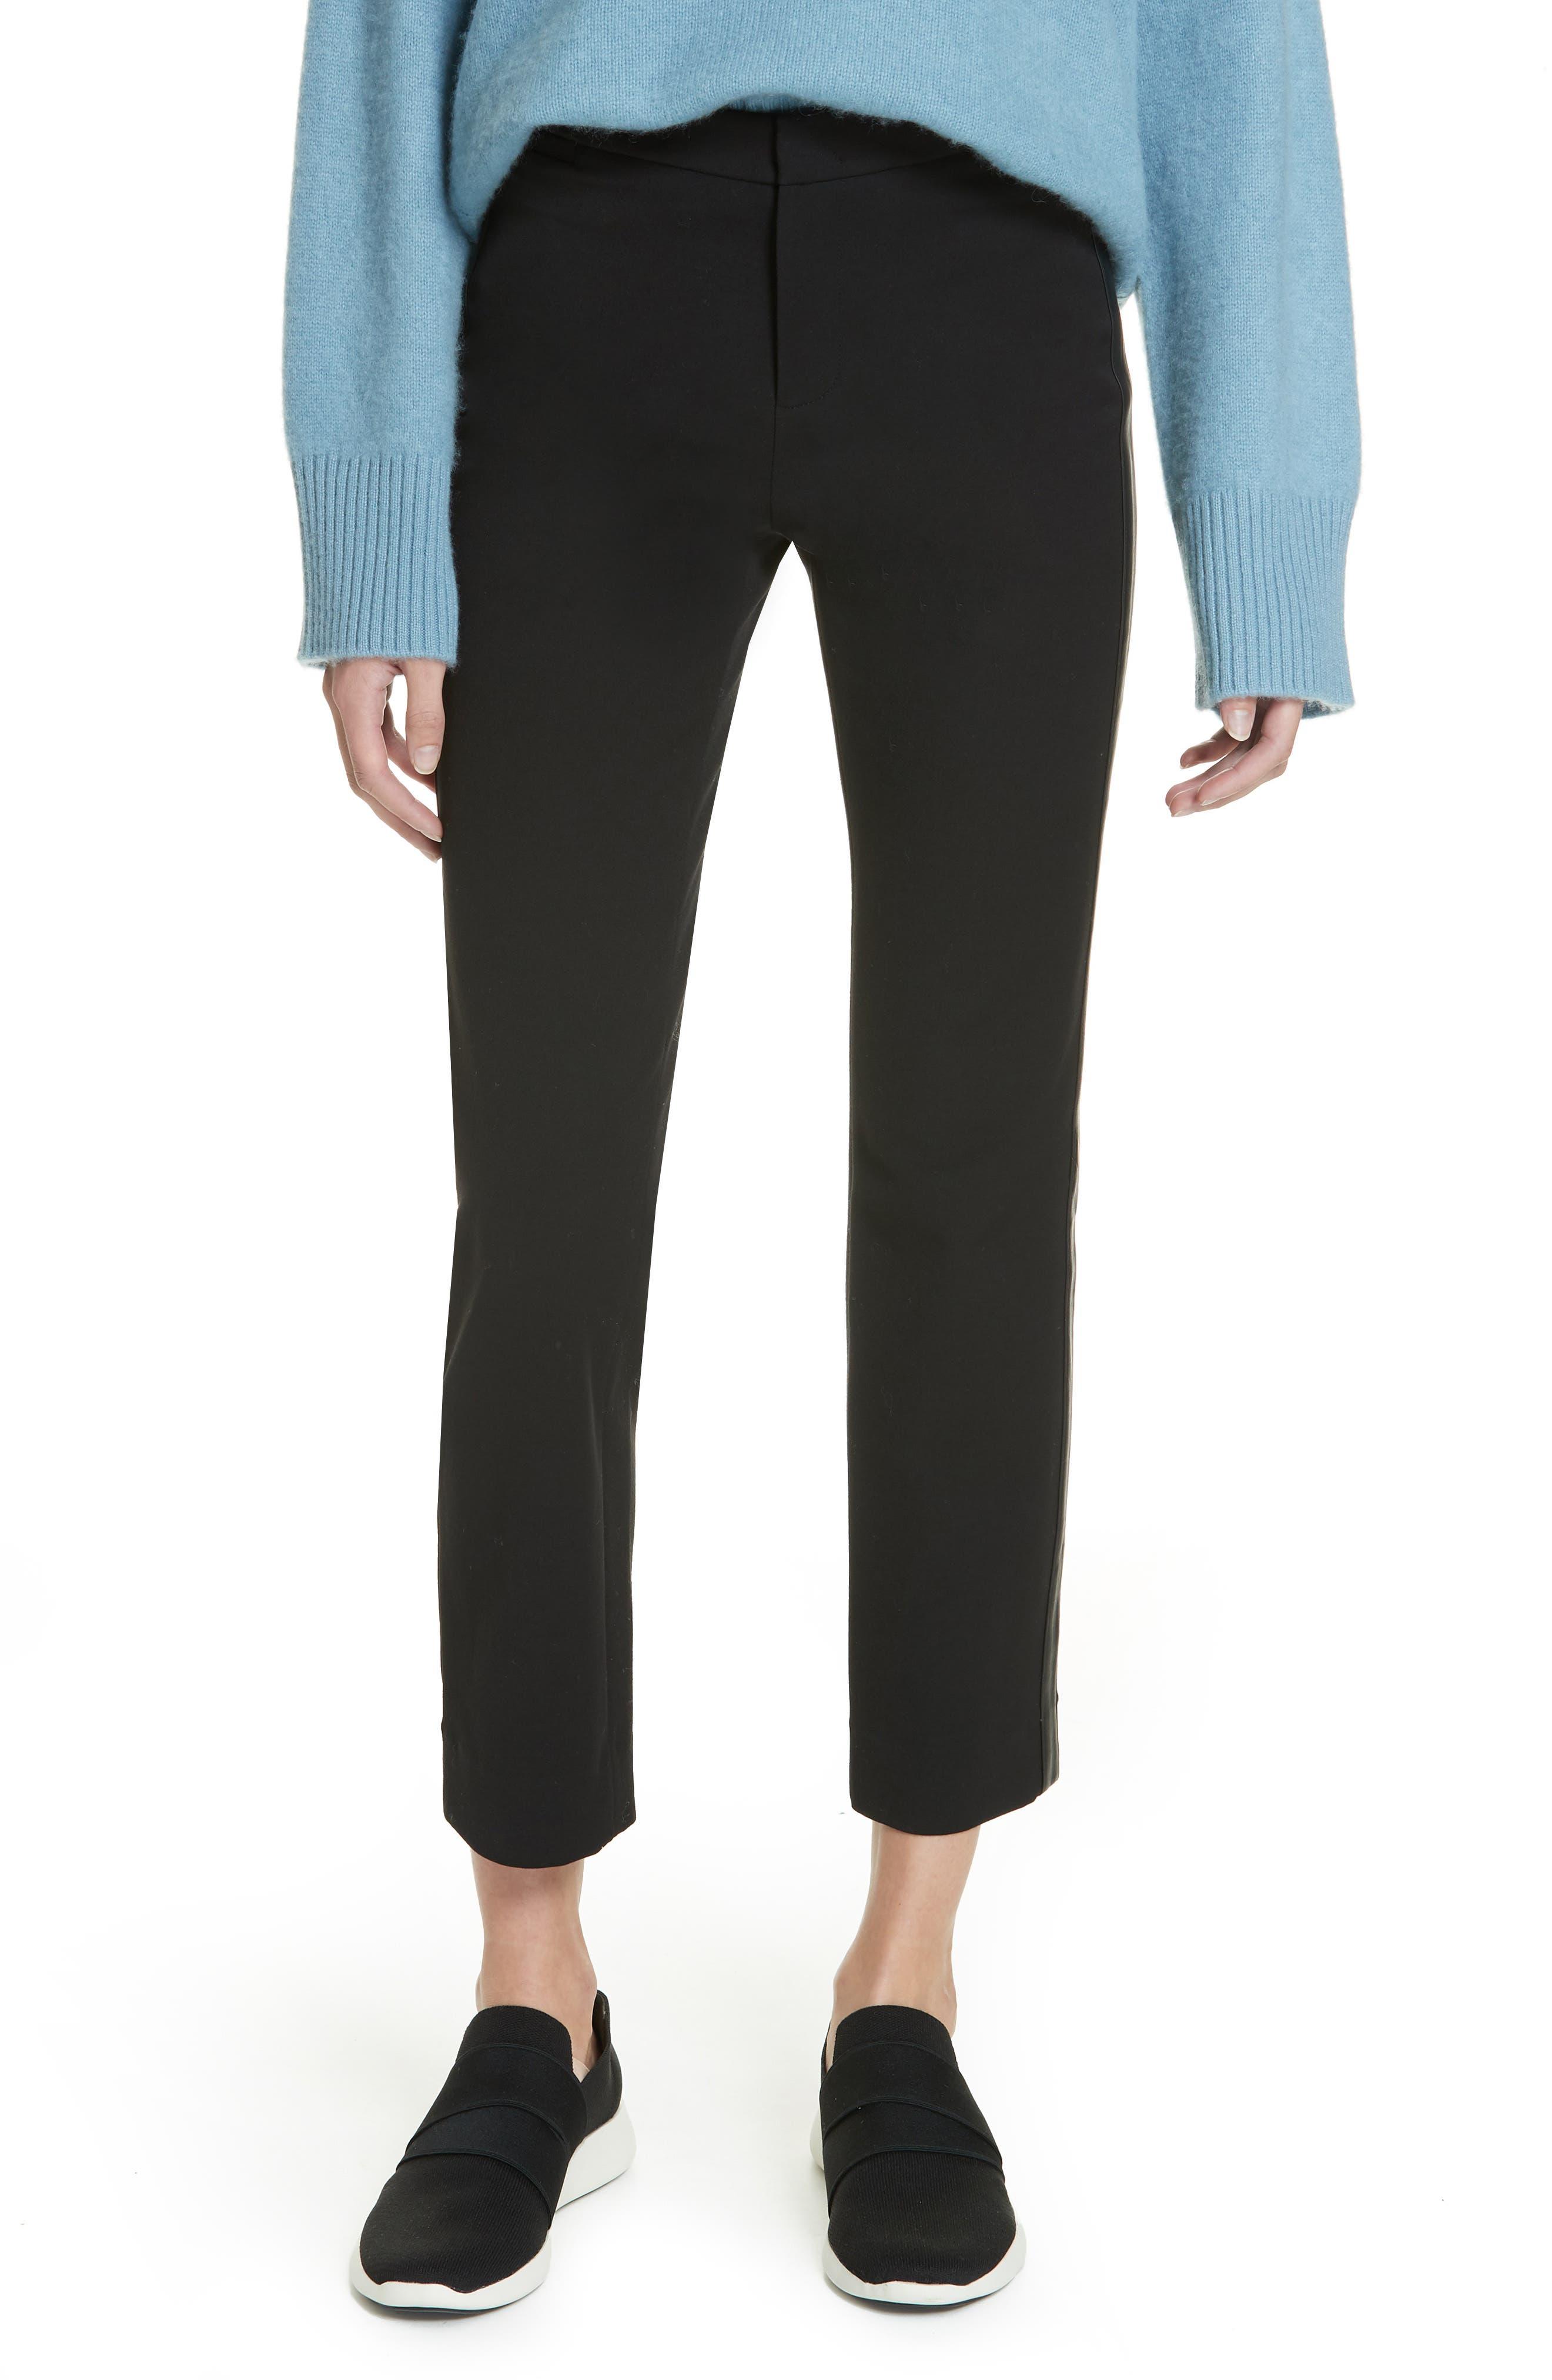 VINCE, Faux Leather Side Stripe Trousers, Main thumbnail 1, color, BLACK